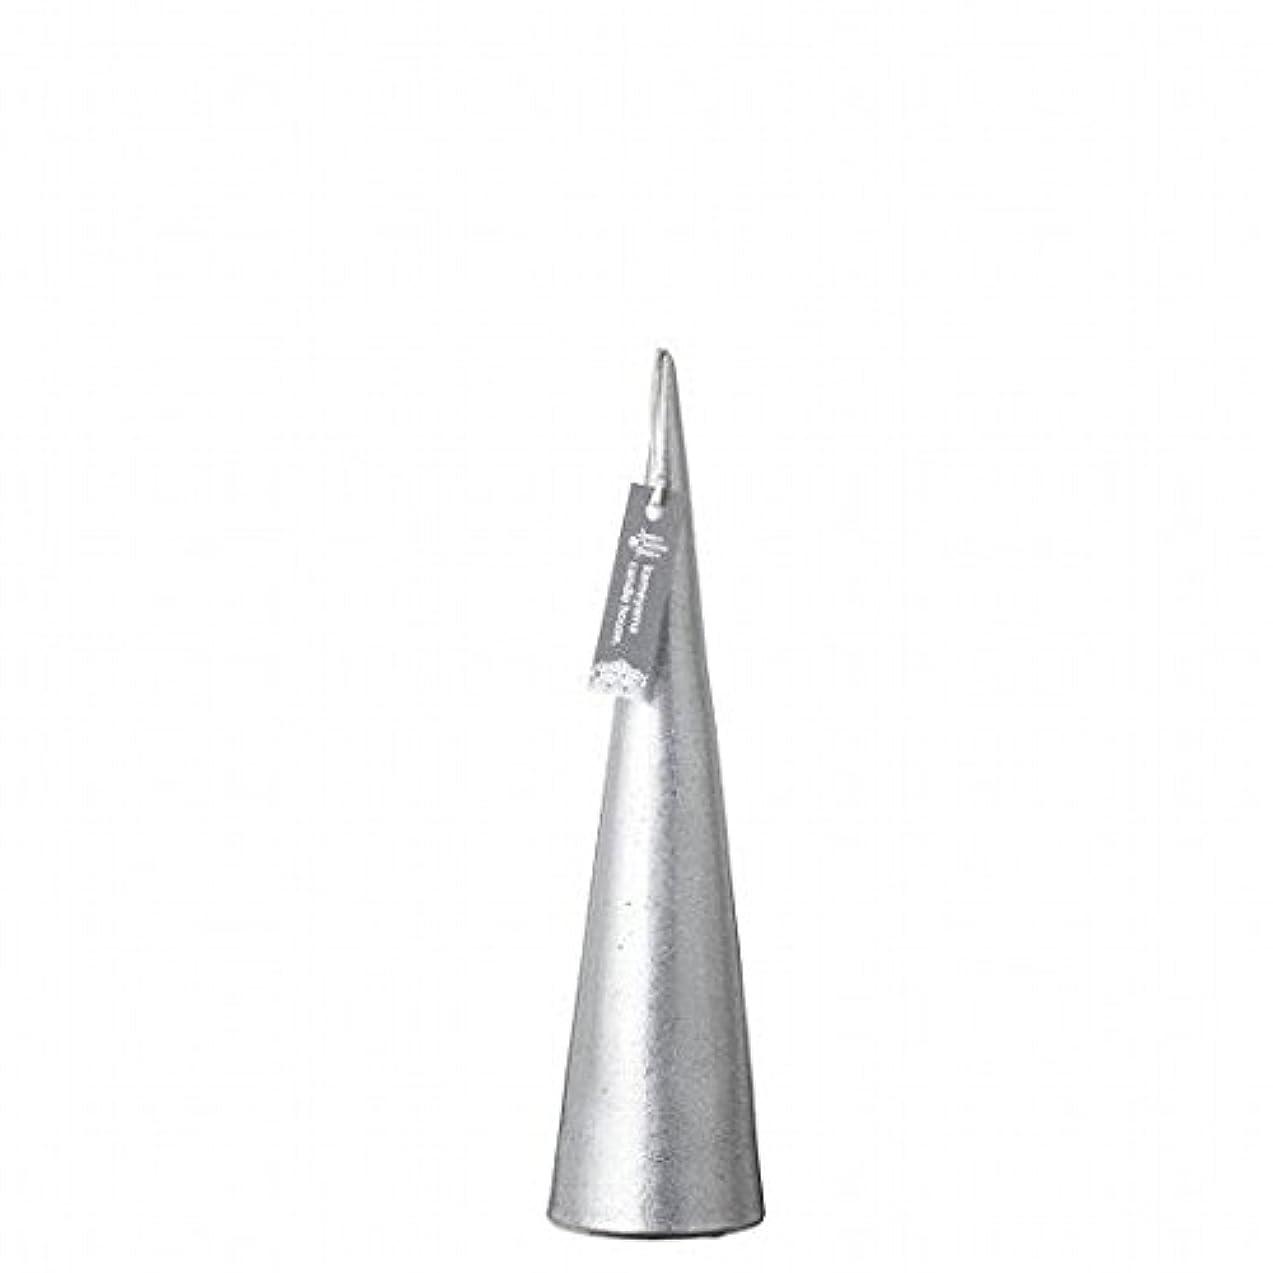 わがまま導出誘うkameyama candle(カメヤマキャンドル) メタリックコーンM 「 シルバー 」(A9560110SI)